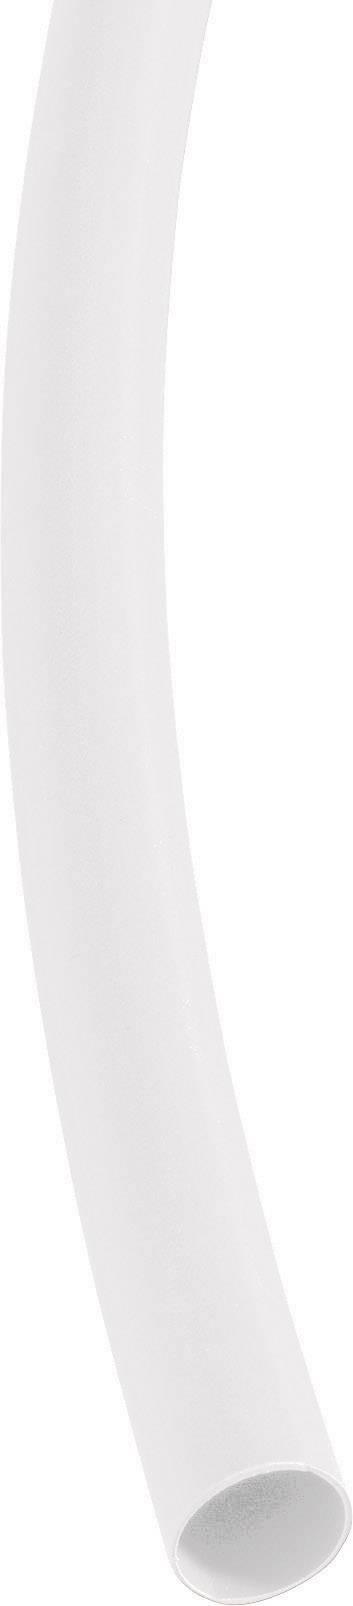 Smršťovací bužírka (1 m) 9/3 mm - bílá